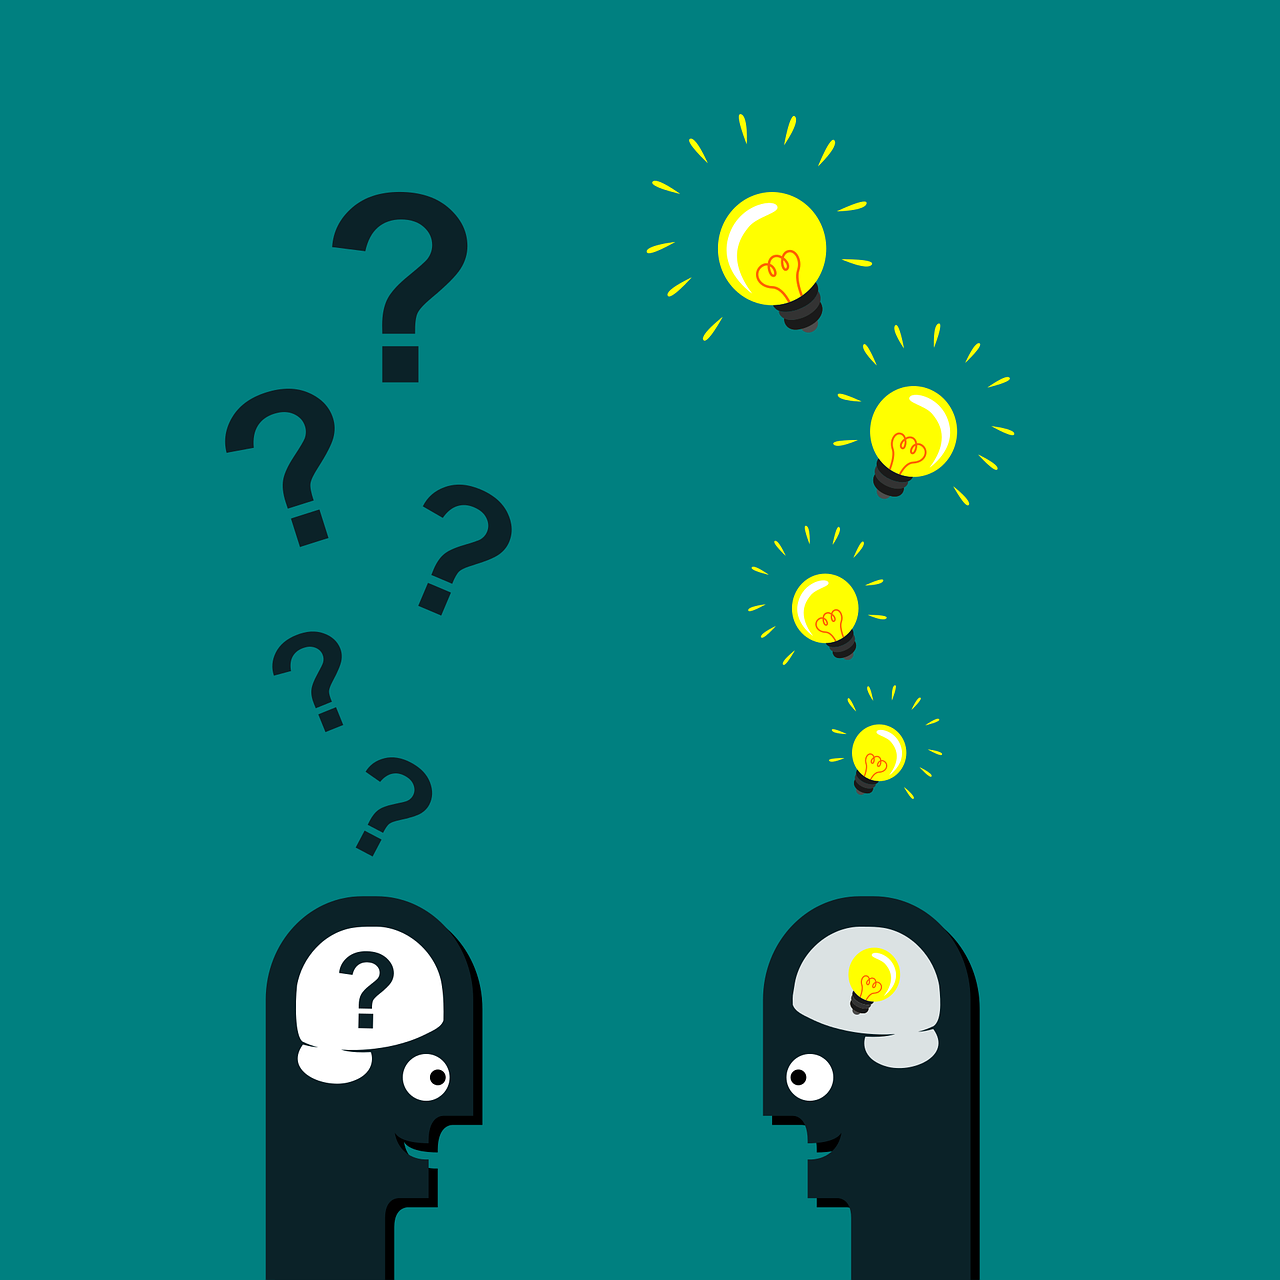 پاسخ به سوال های مخاطب در توضیح محصول